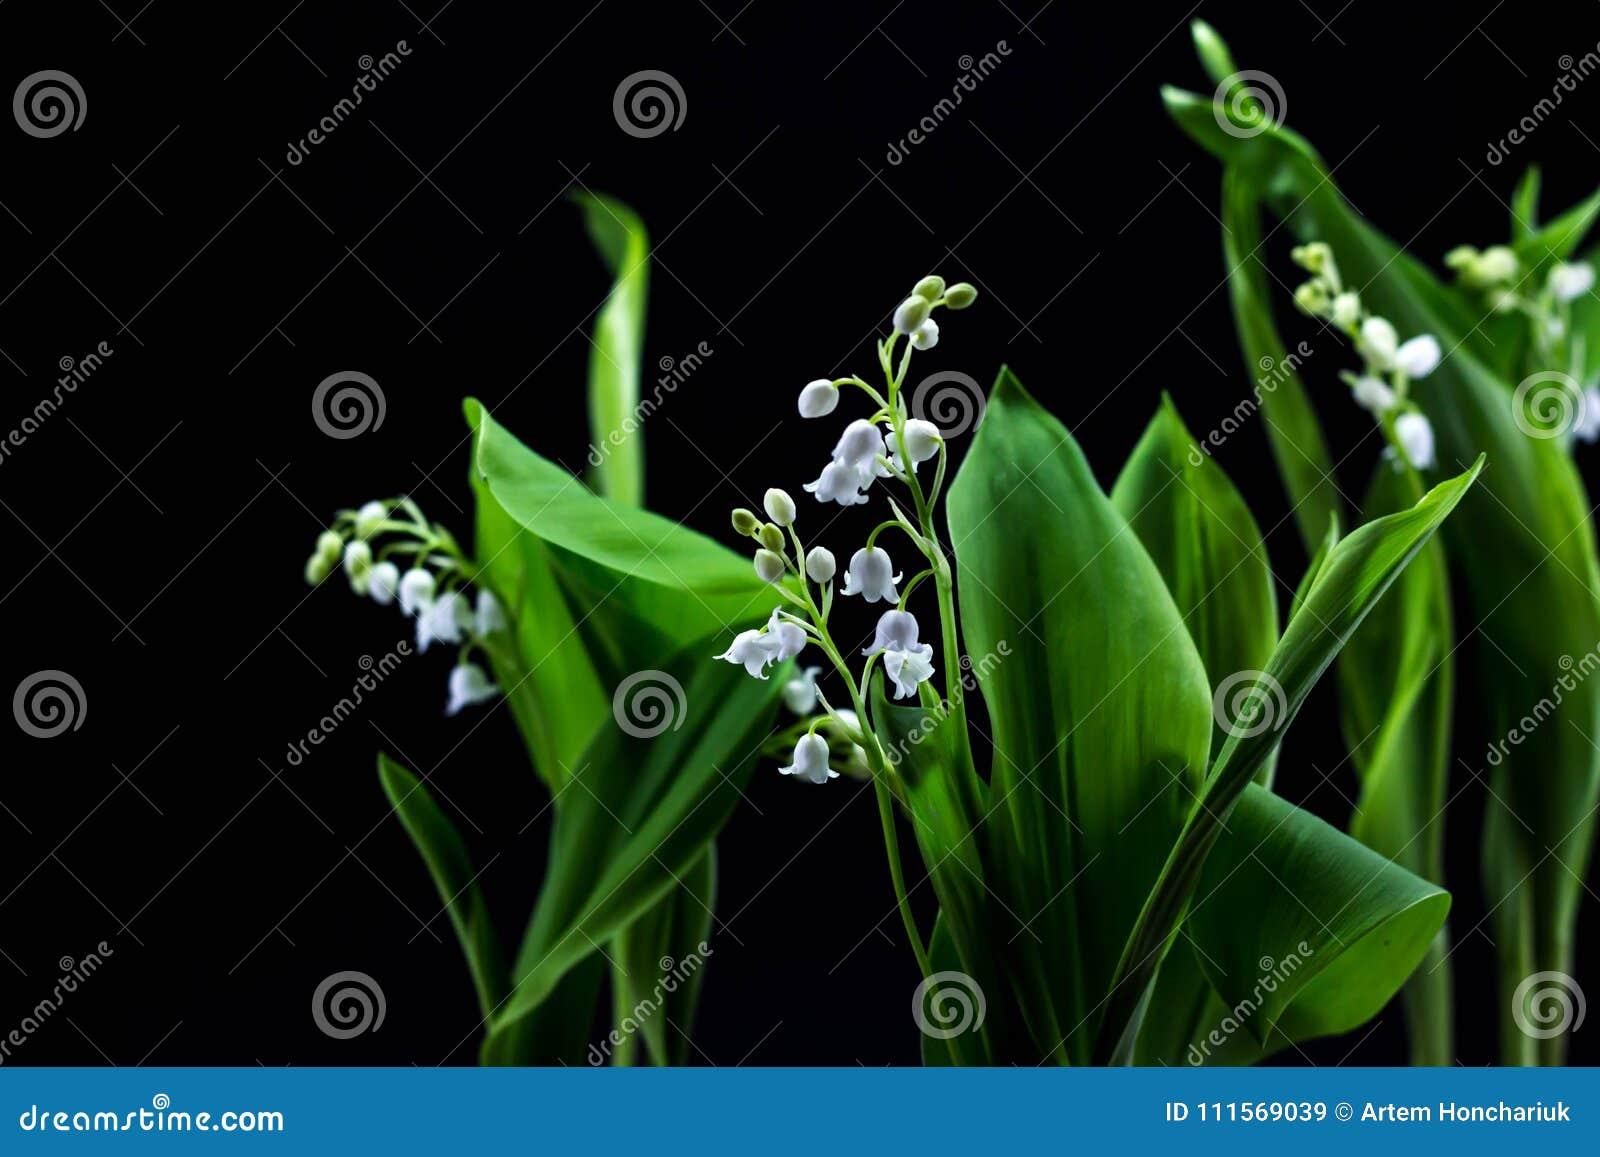 Neuer Frühling blüht Maiglöckchen auf einem schwarzen Hintergrund